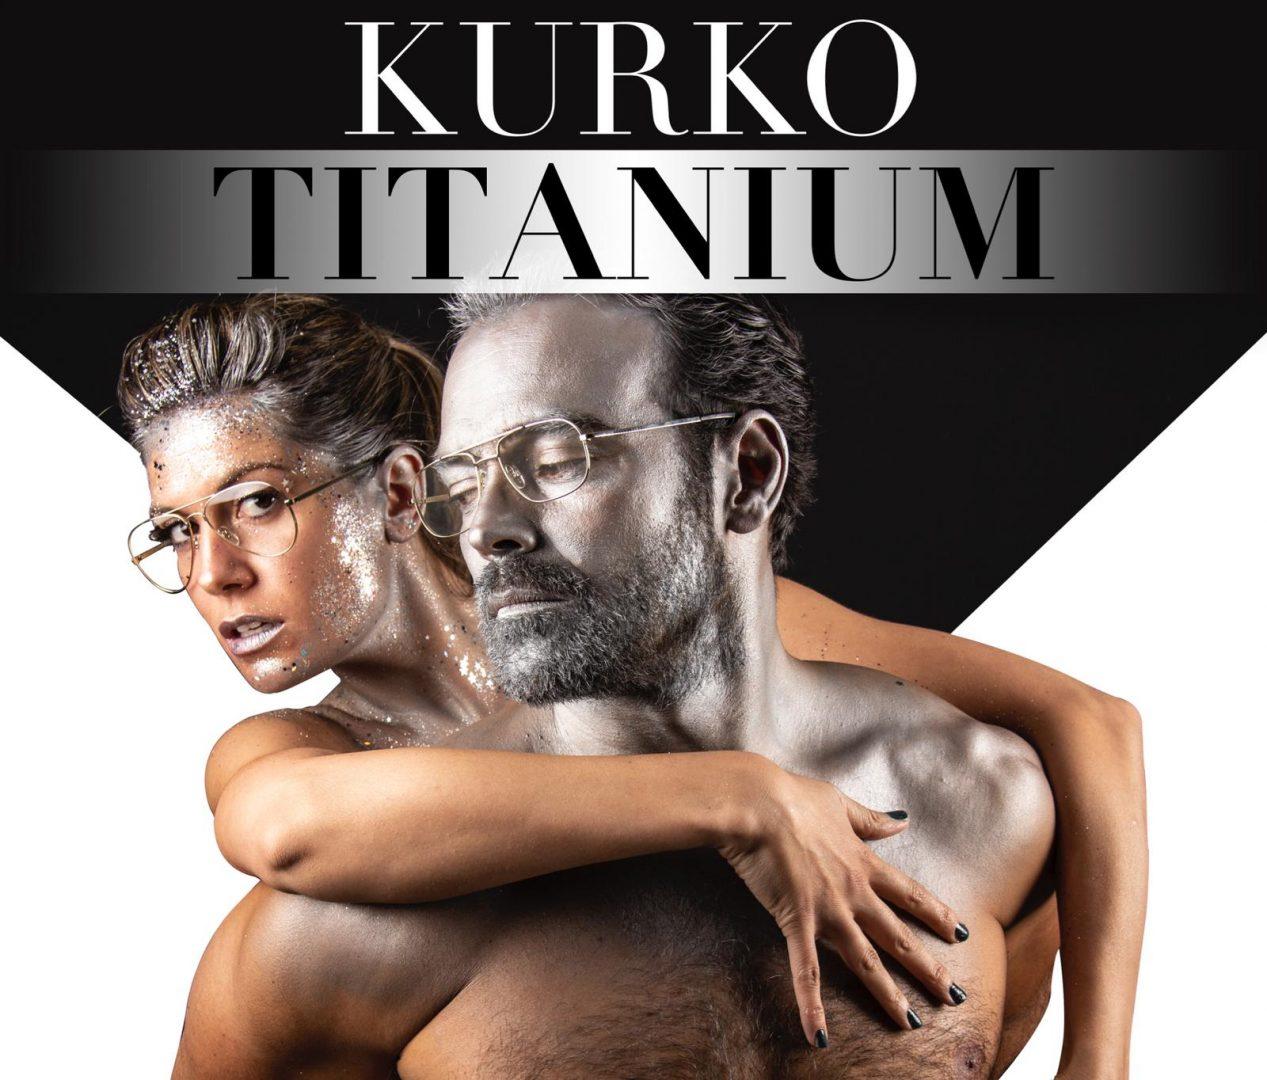 Kurko Titanium B/N 2019